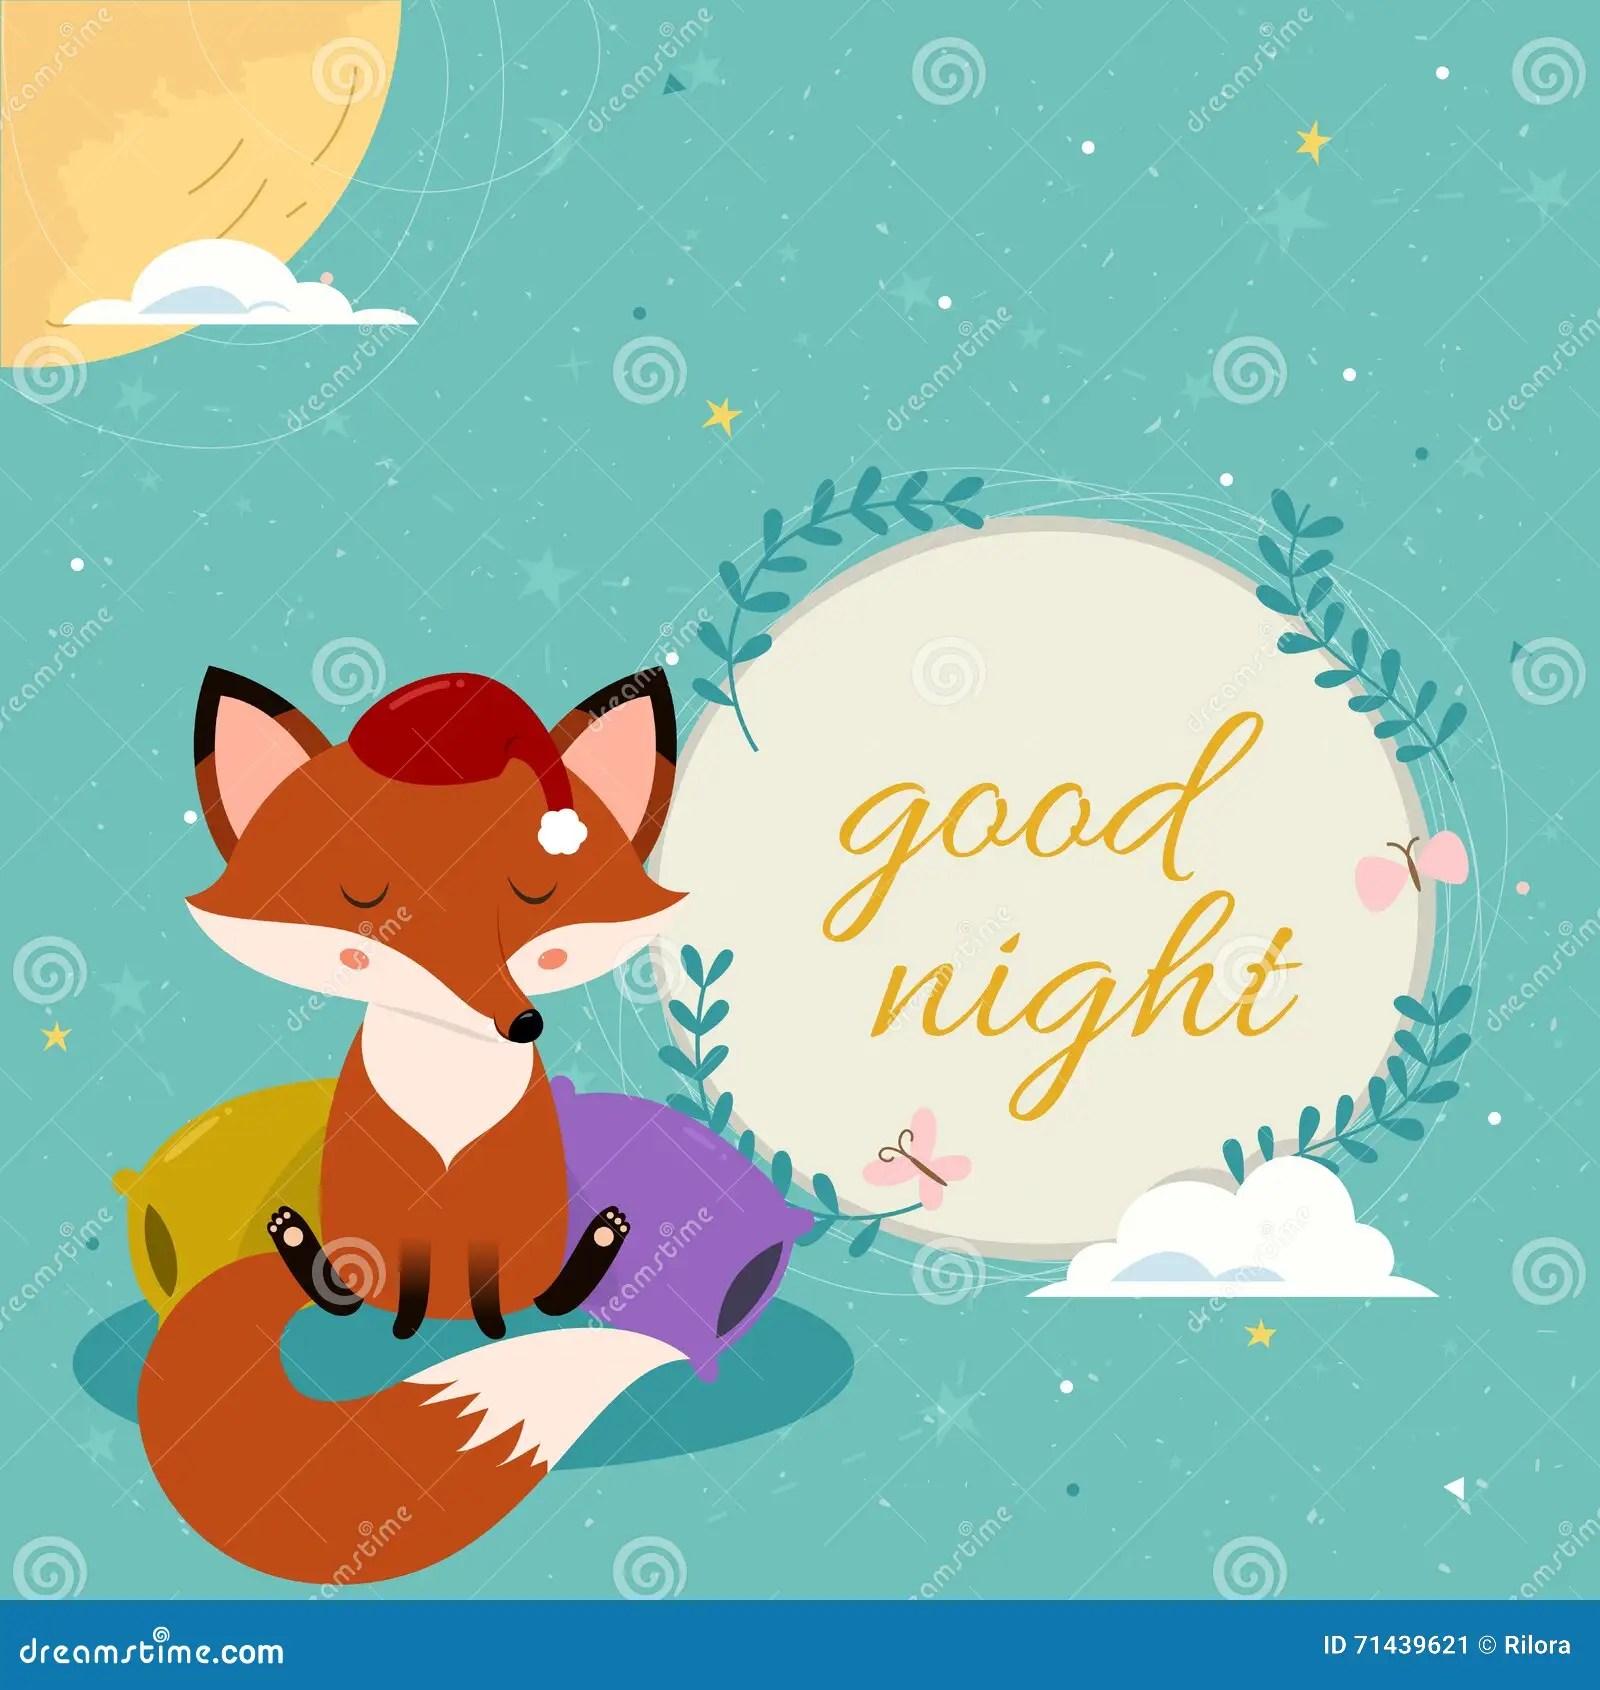 Good Night Card With Cute Cartoon Sleepy Fox On The